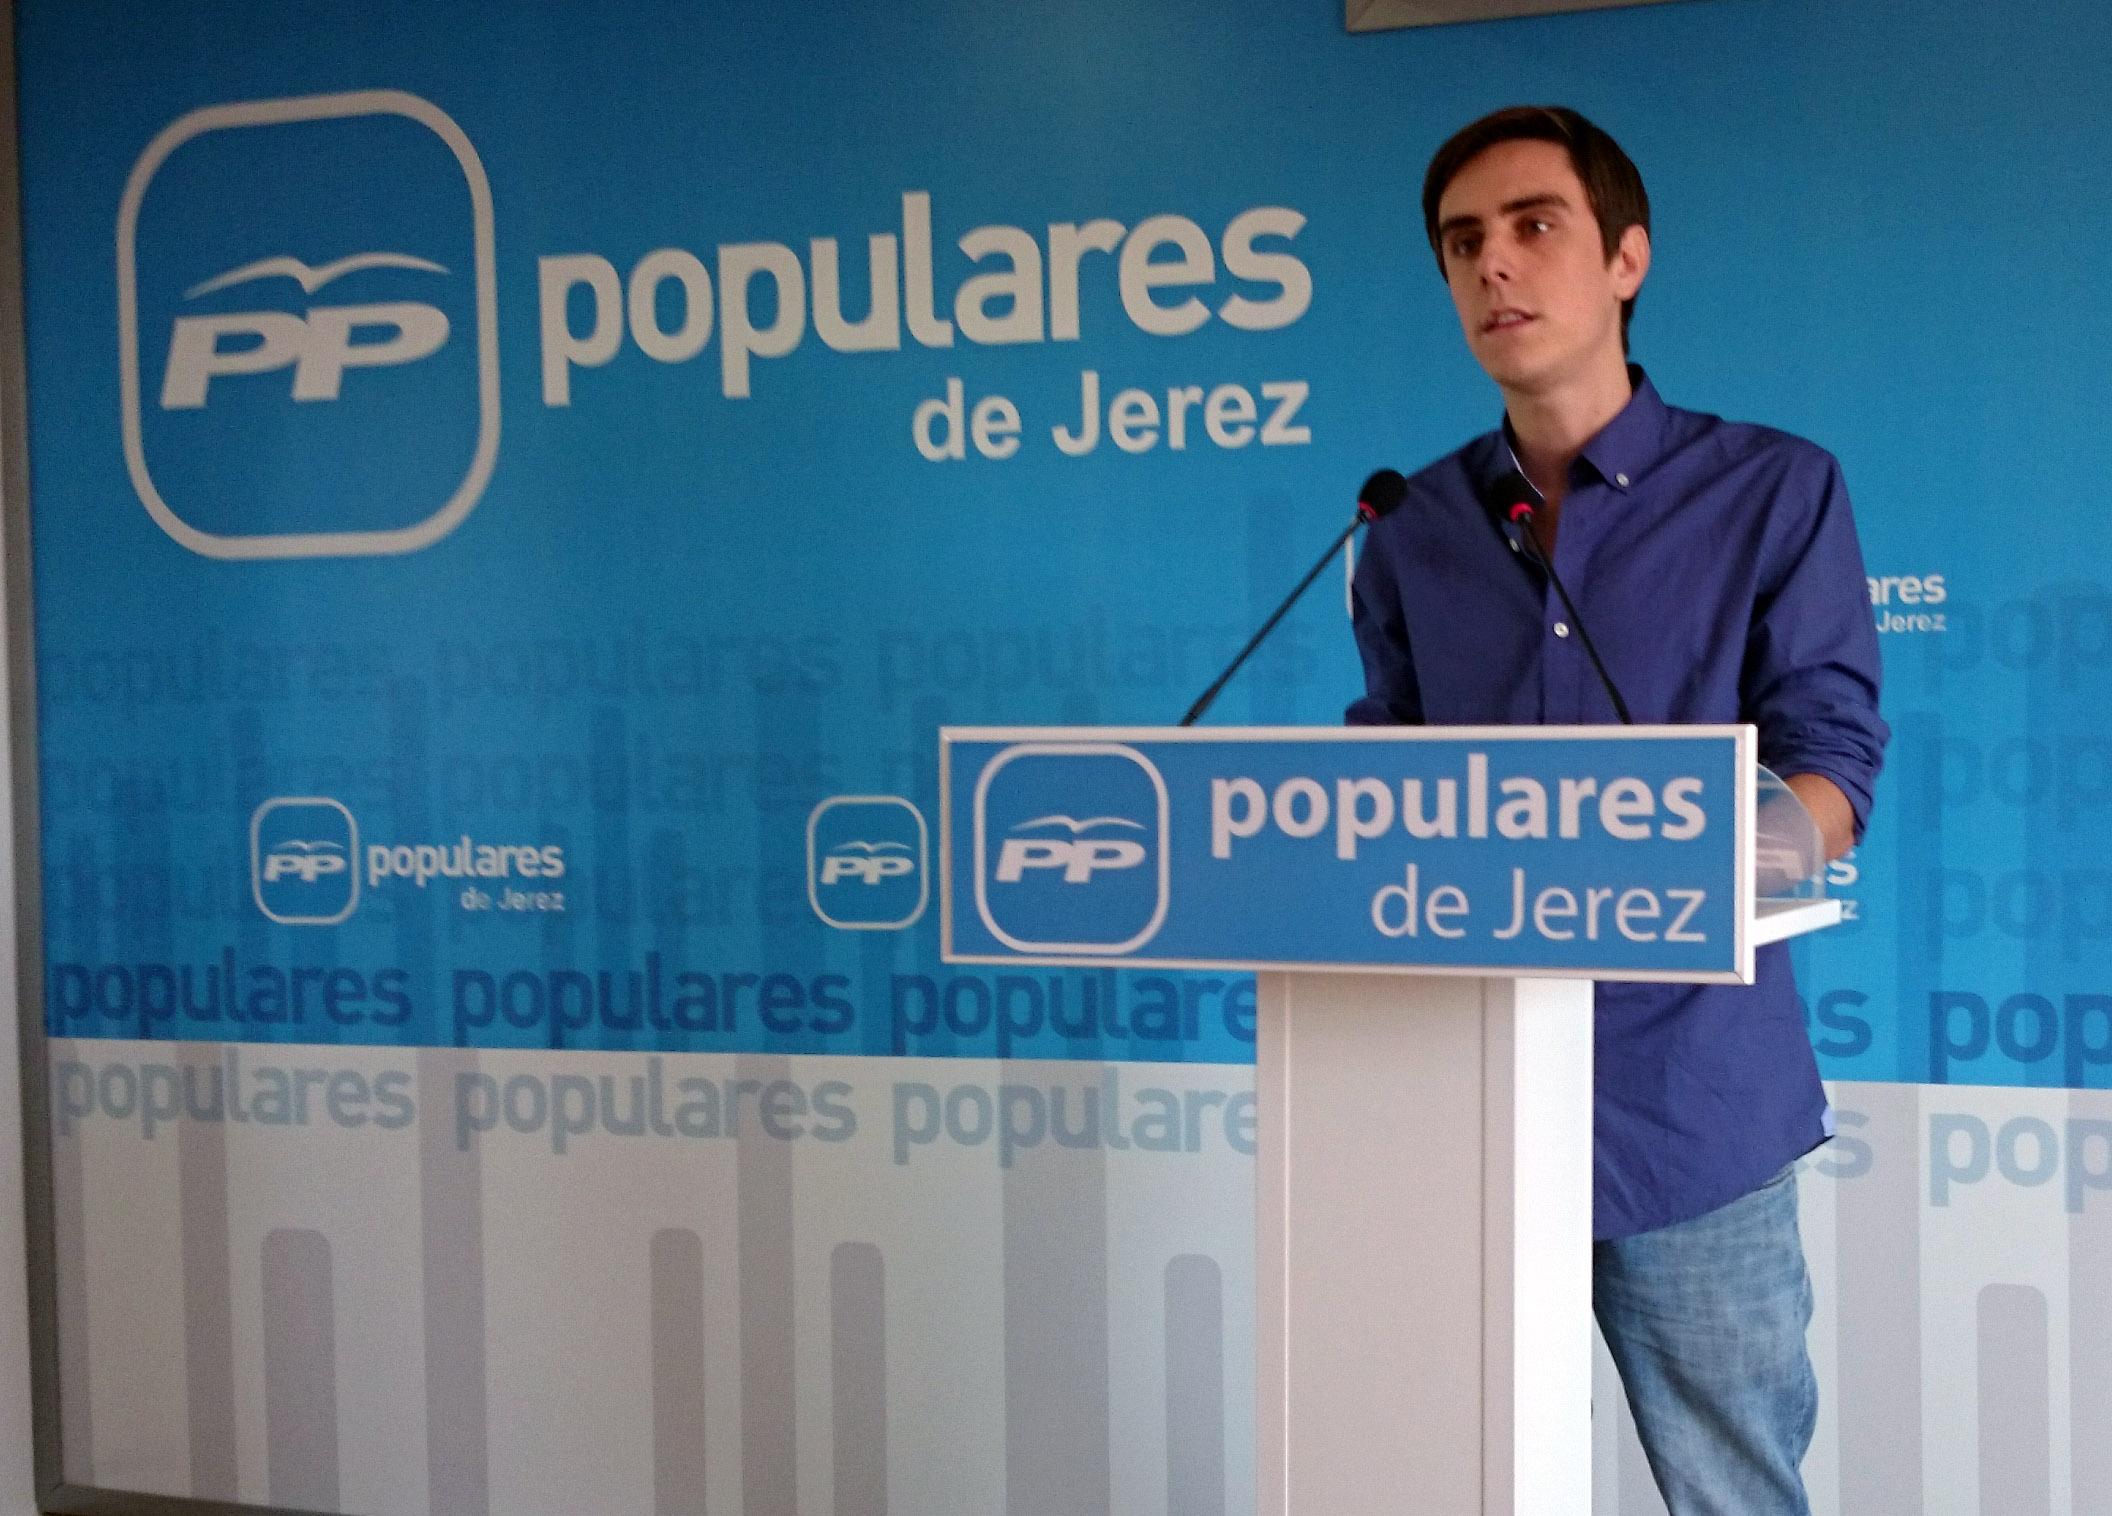 El PP exige que se aumente la oferta de FP en Jerez